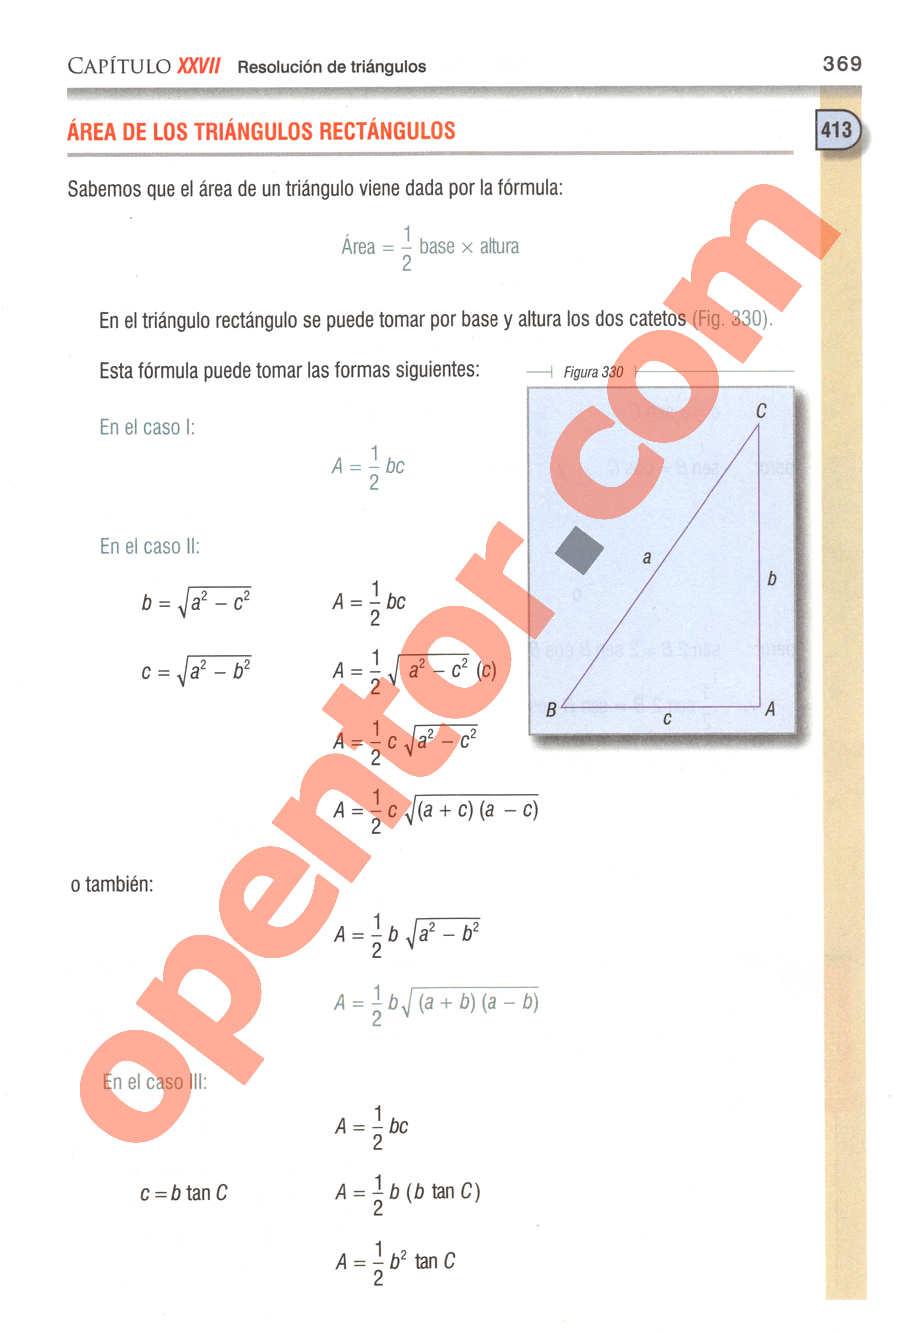 Geometría y Trigonometría de Baldor - Página 369